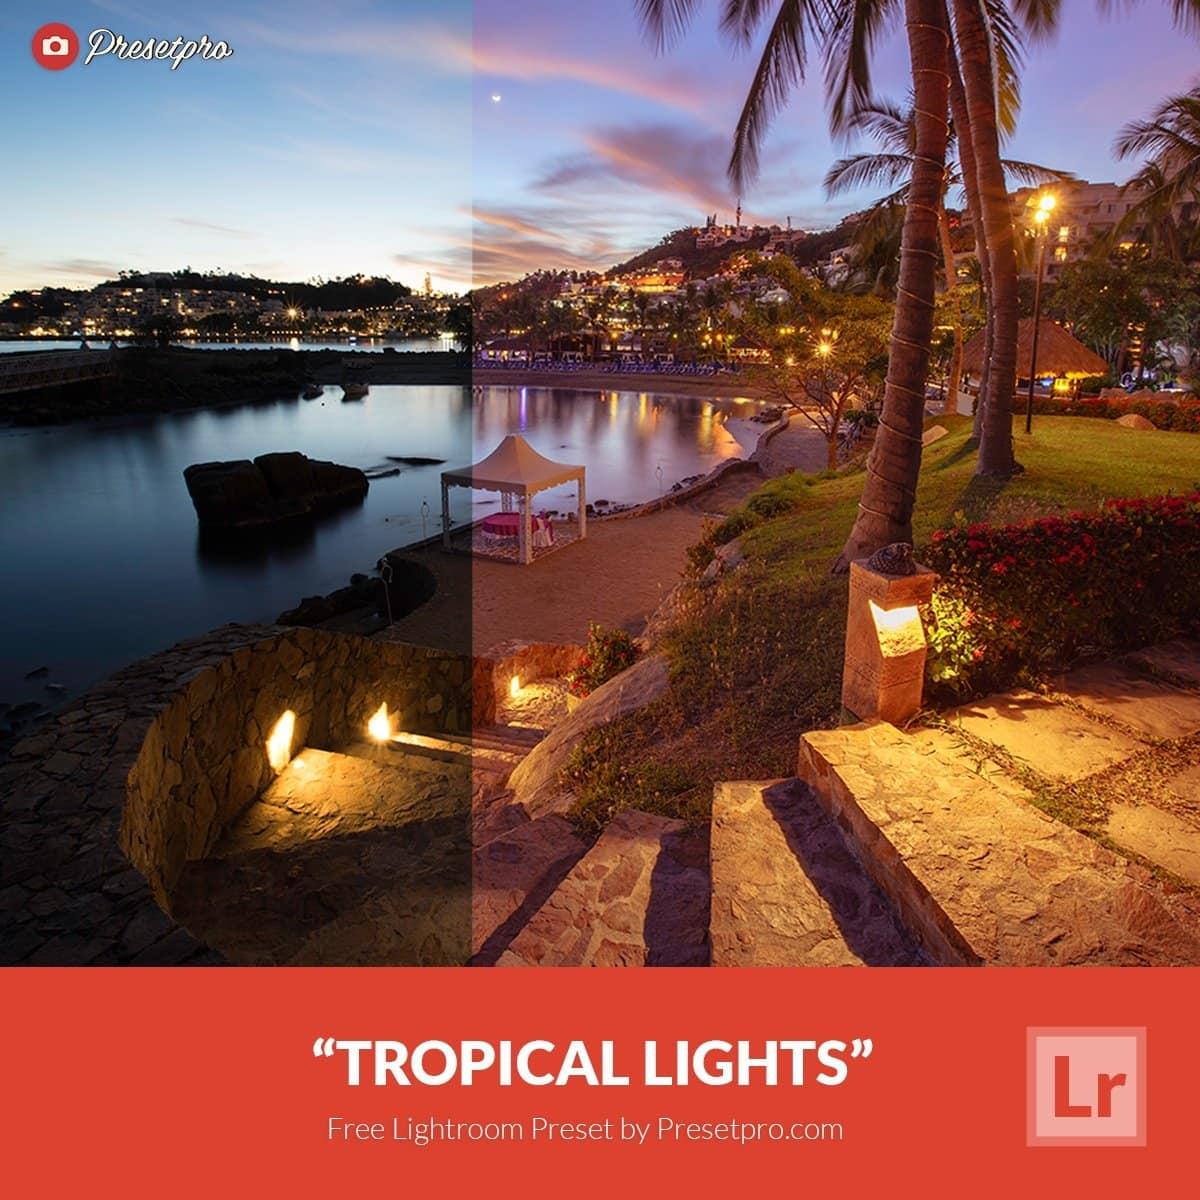 Free-Lightroom-Preset-Tropical-Lights